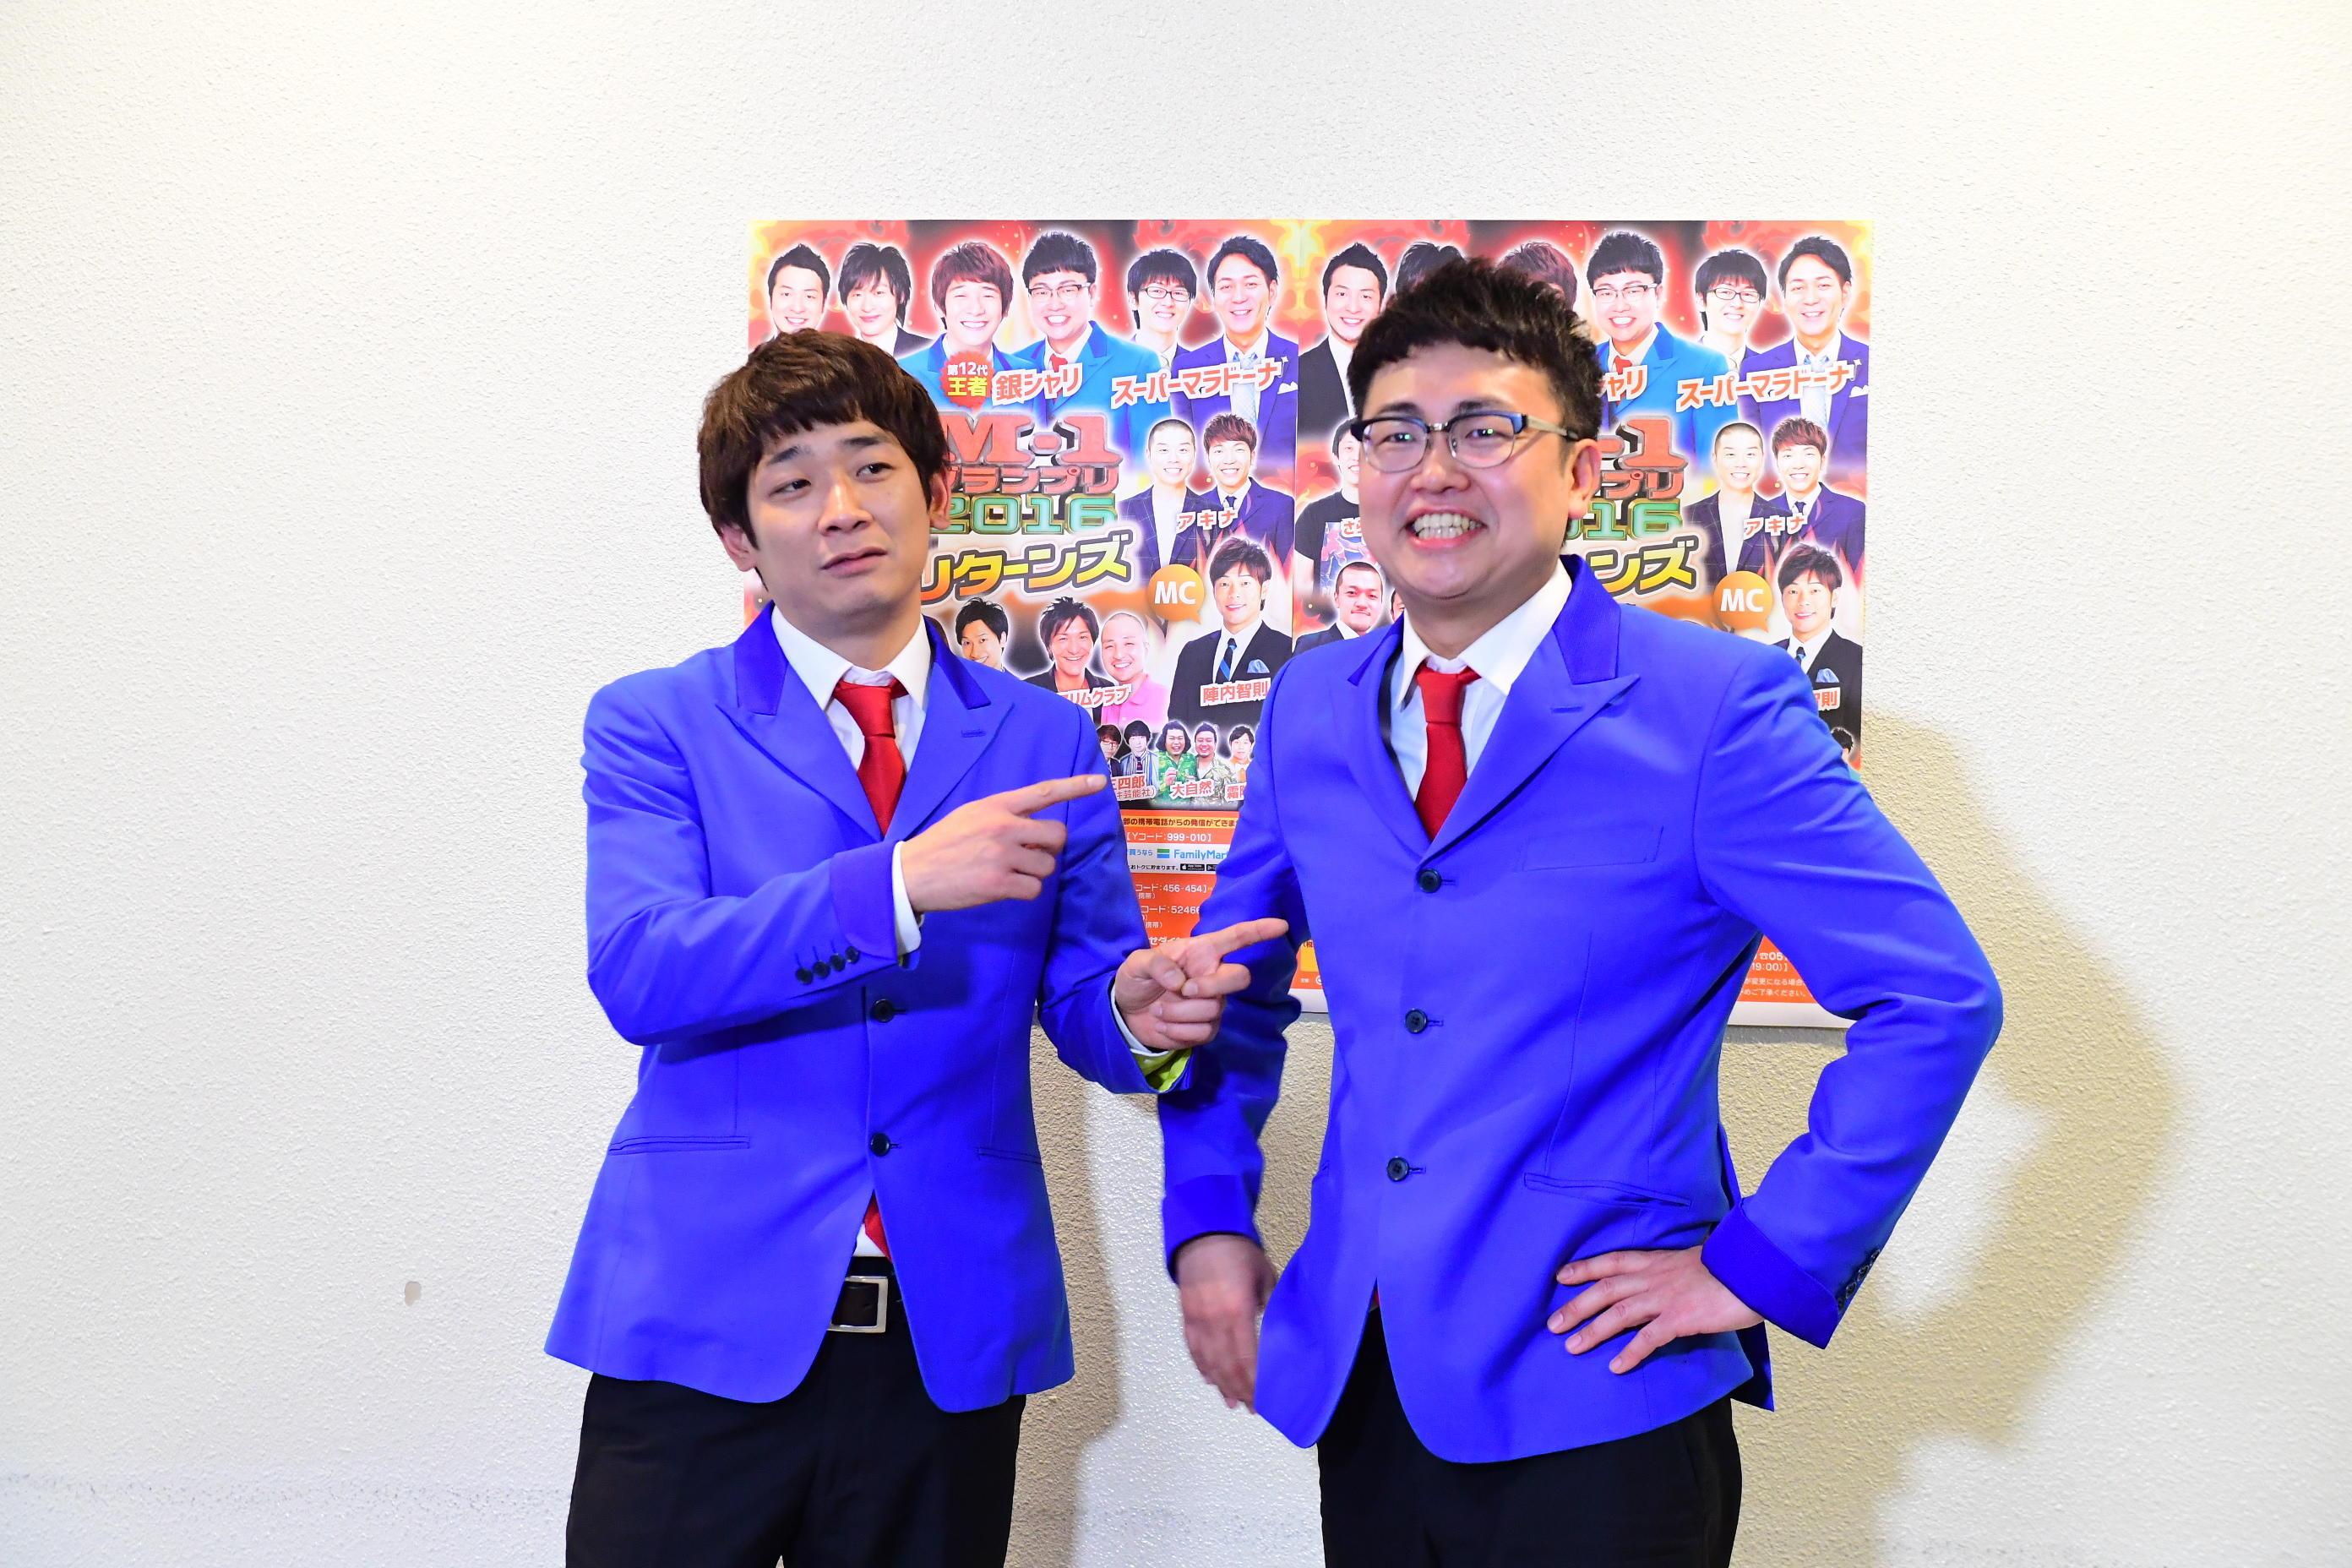 http://news.yoshimoto.co.jp/20170228160104-57b8fbc5b22db4269464140be372c89606f8f9b0.jpg